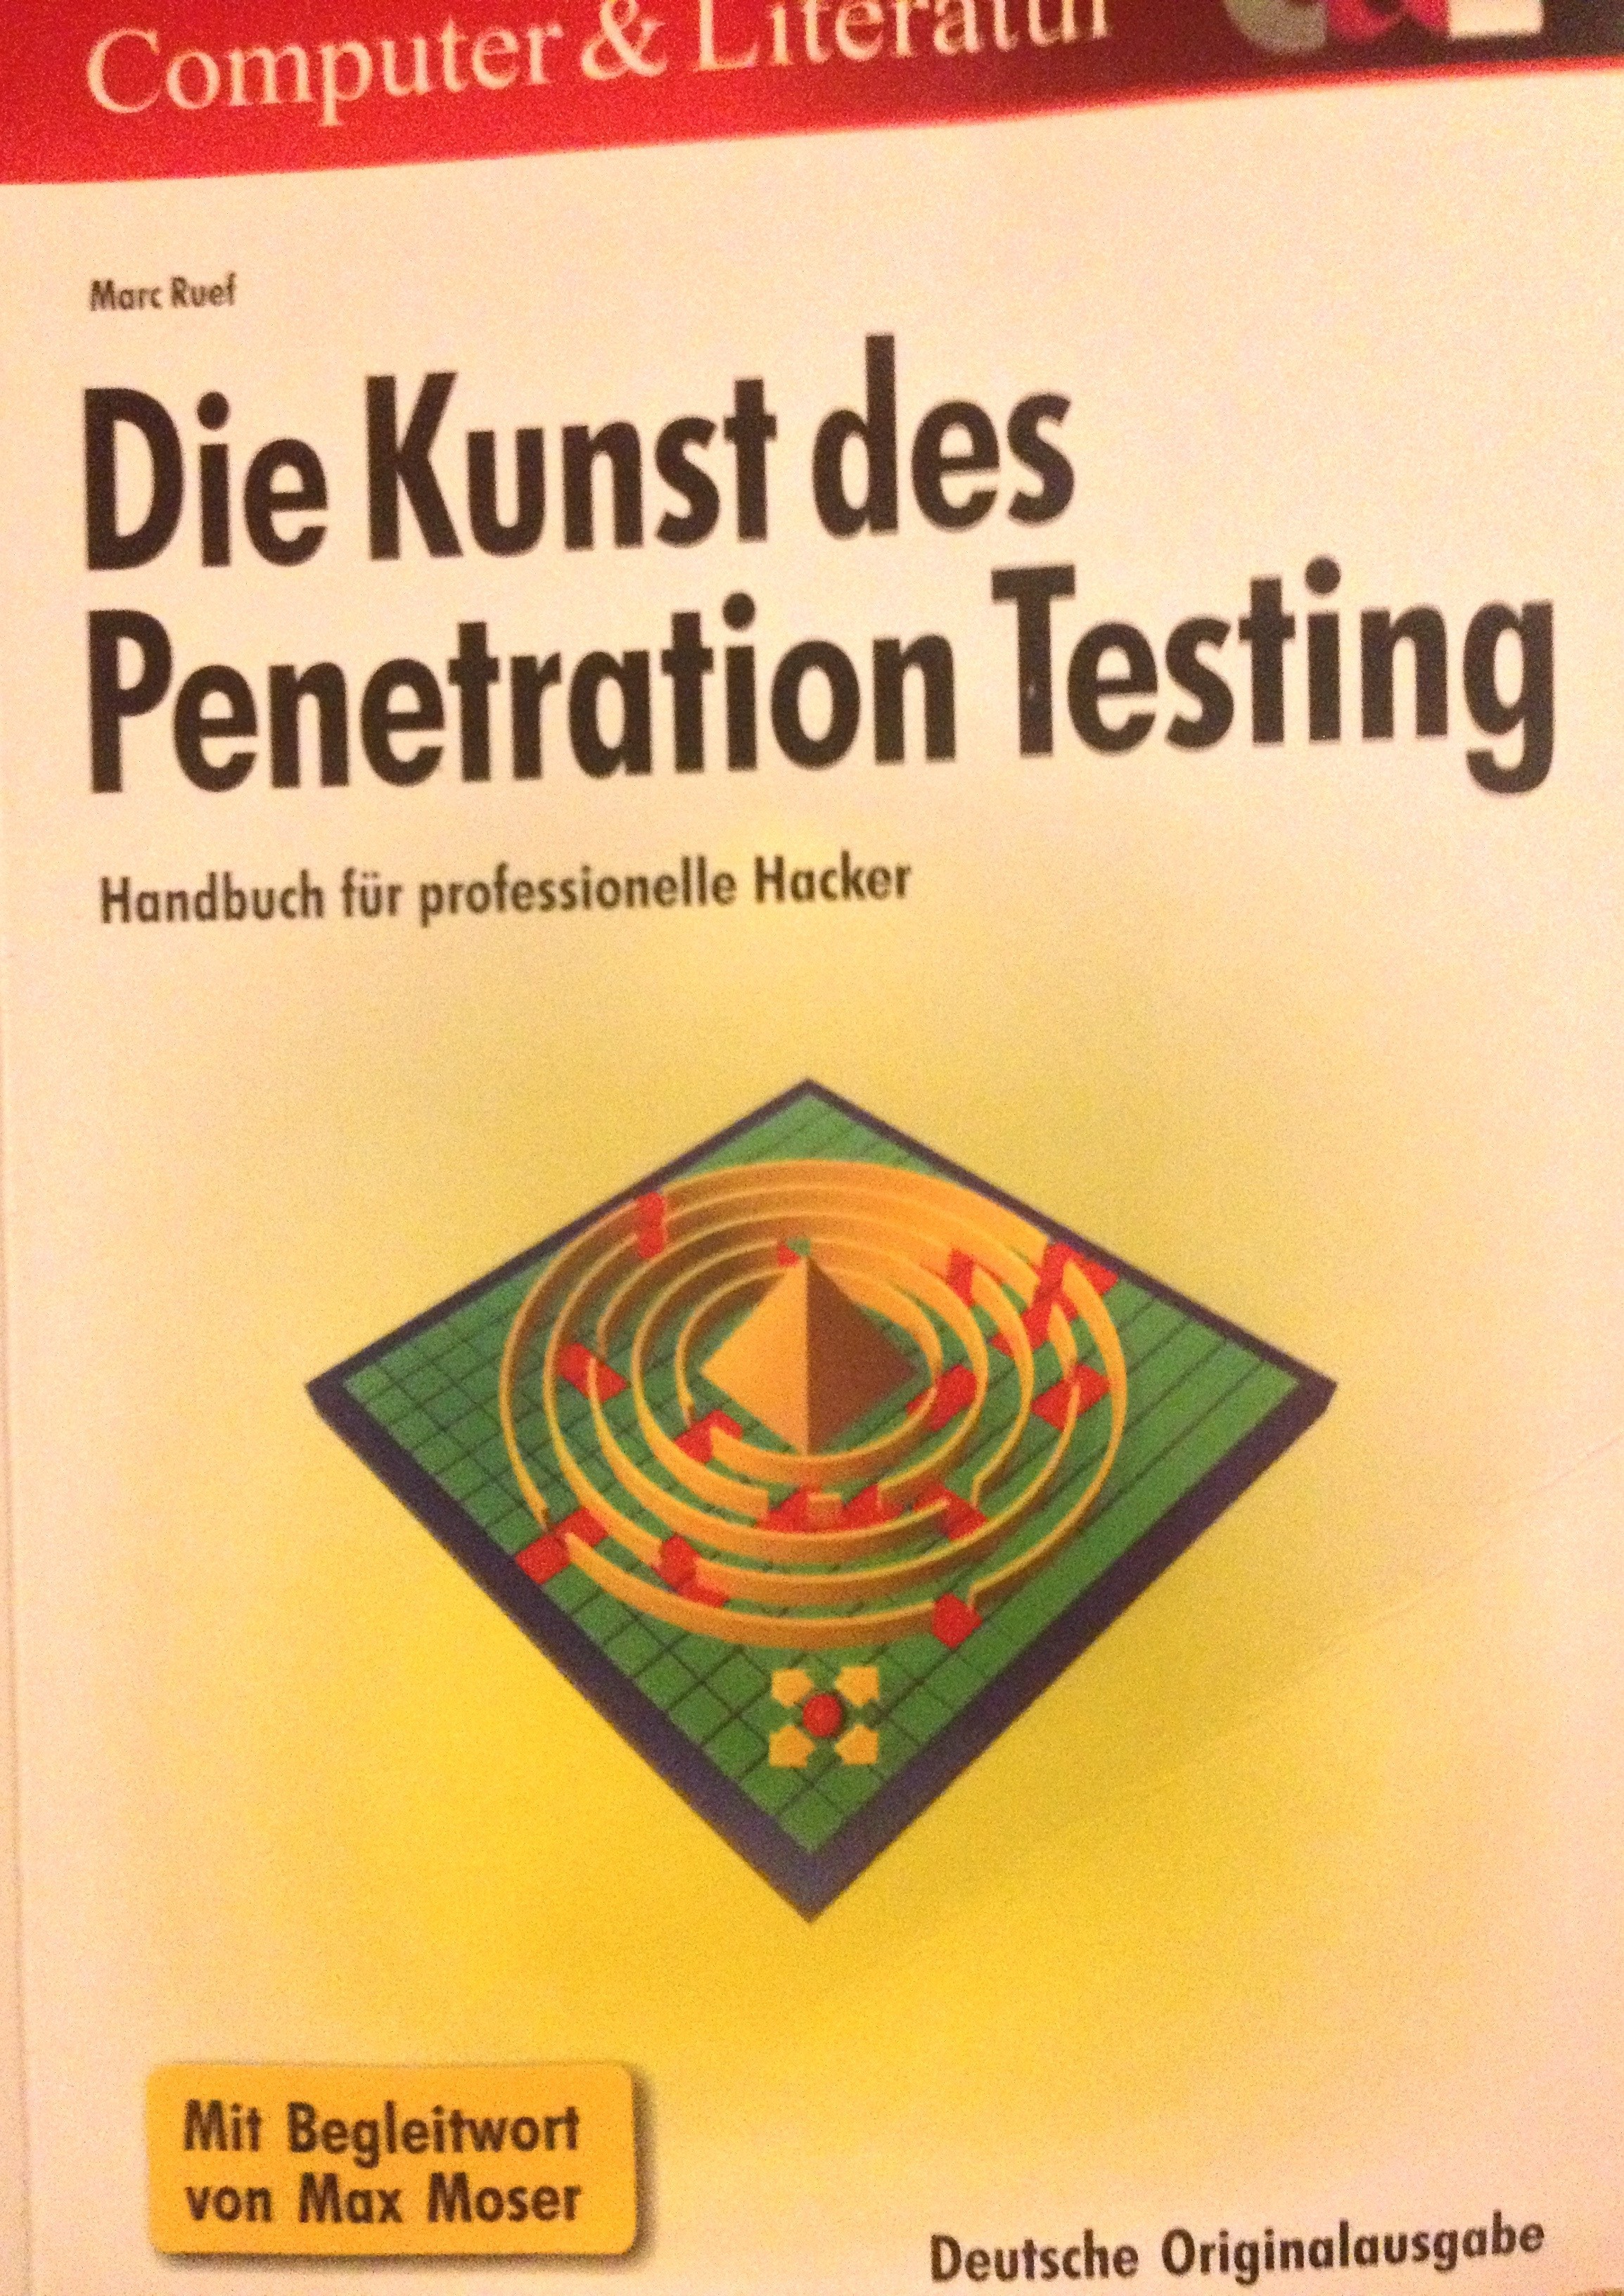 Buch: Die Kunst der Penetration Testing von Marc Ruef